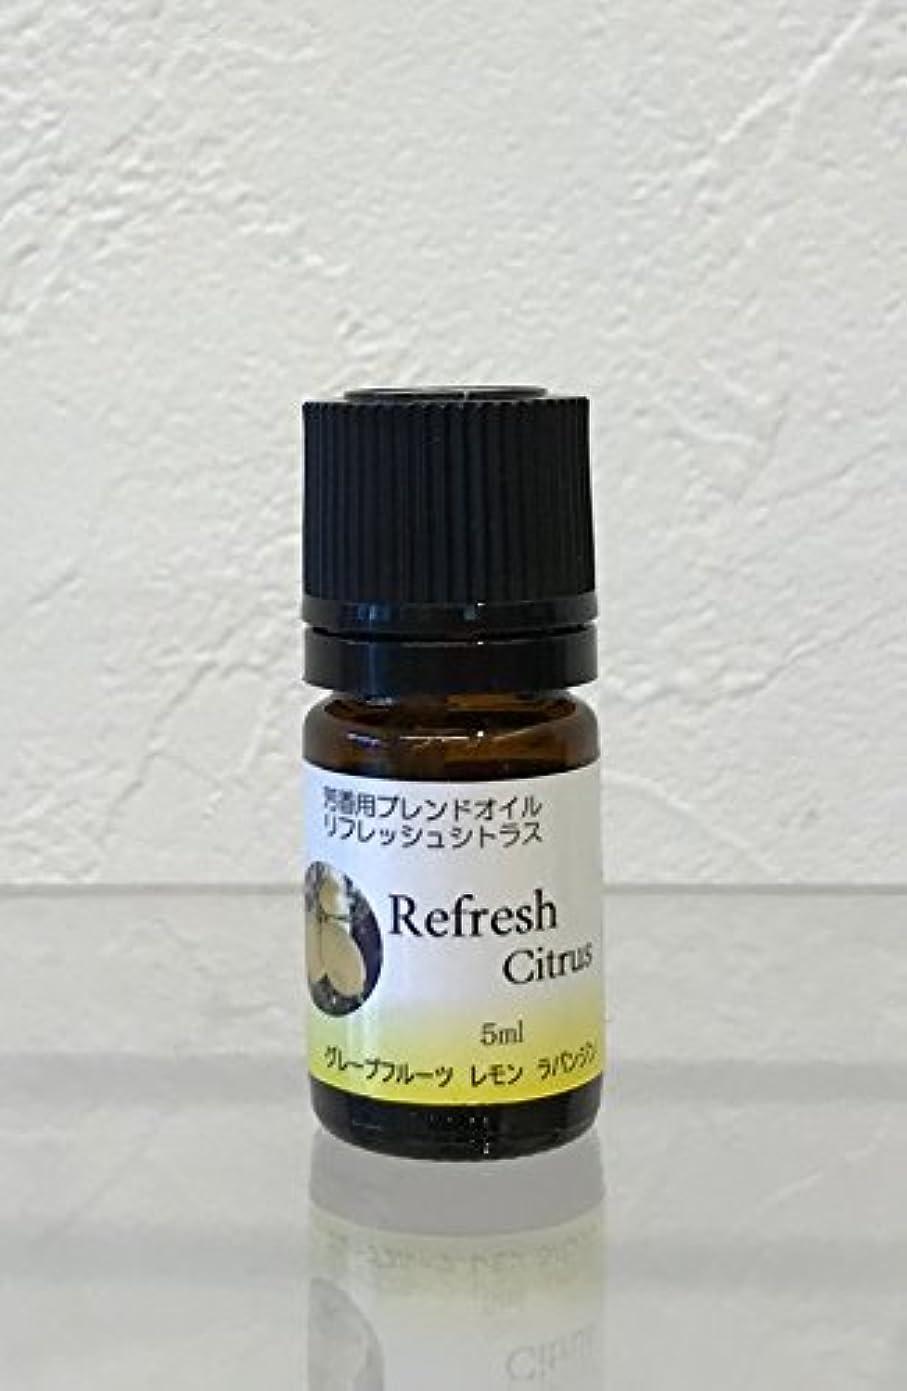 ベスト体操選手湿地芳香用ブレンドオイル ナチュラルシリーズ リフレッシュシトラス